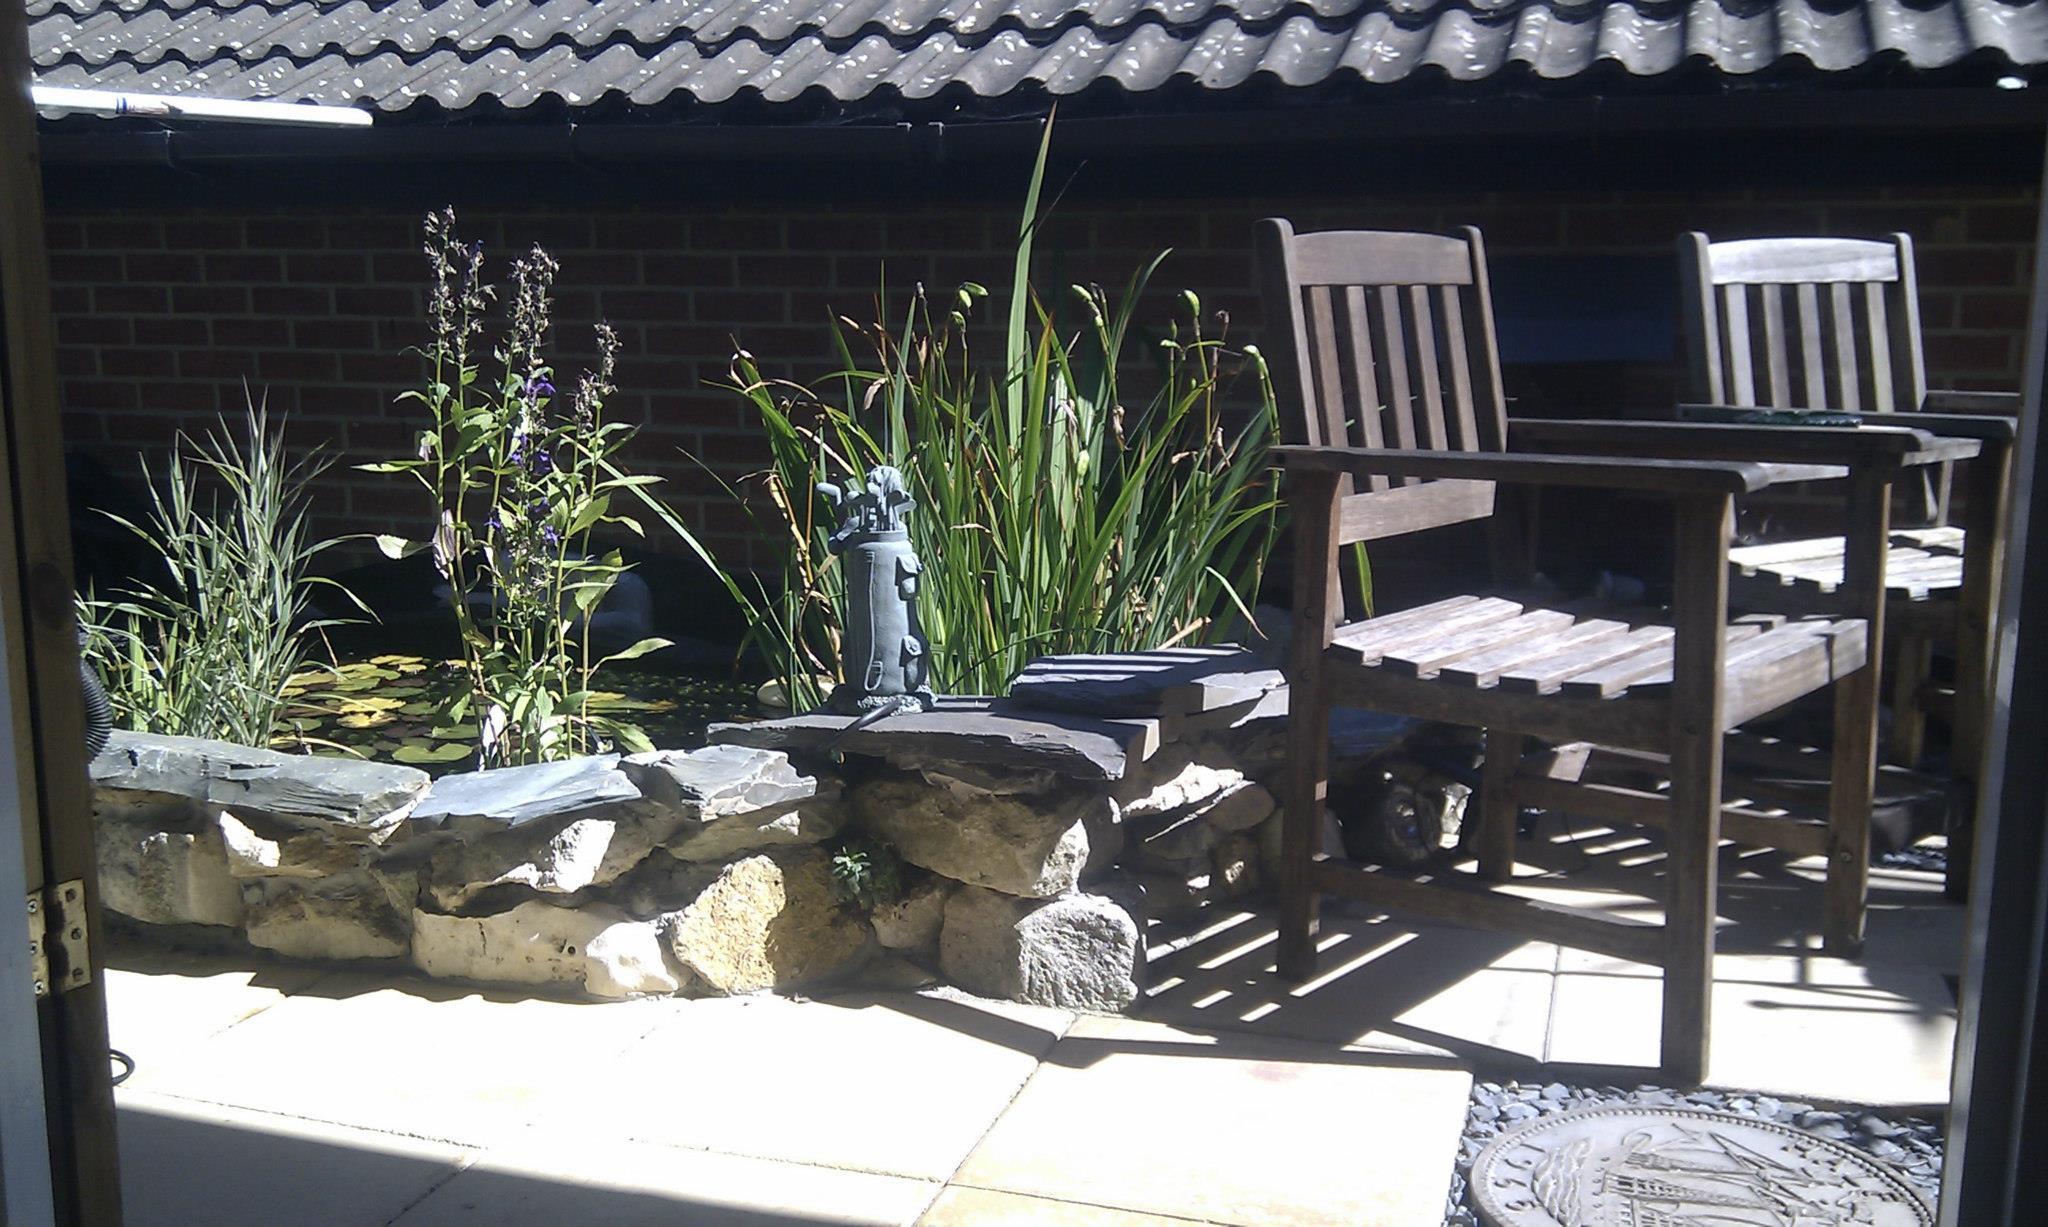 Garden Makeover Gerrit Max (Bucks Buzzing)